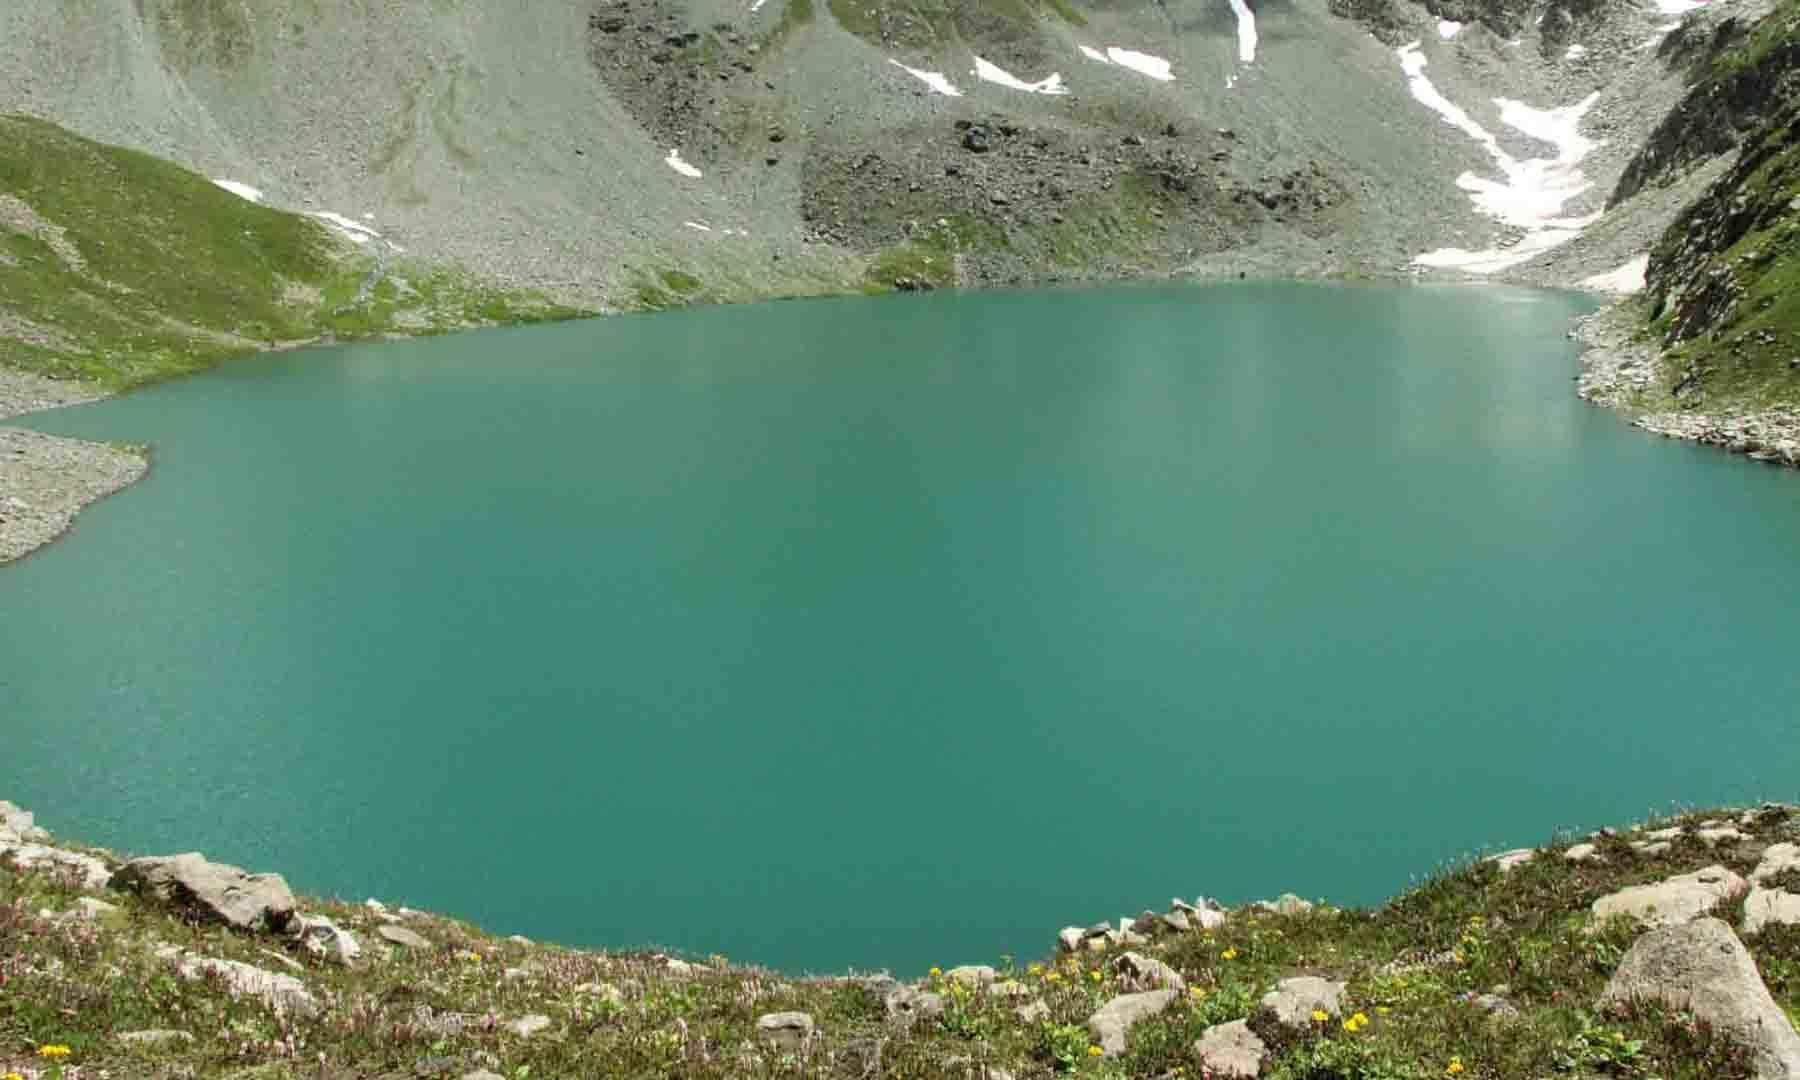 مستیج جھیل کی پہاڑی سے لی جانے والی تصویر